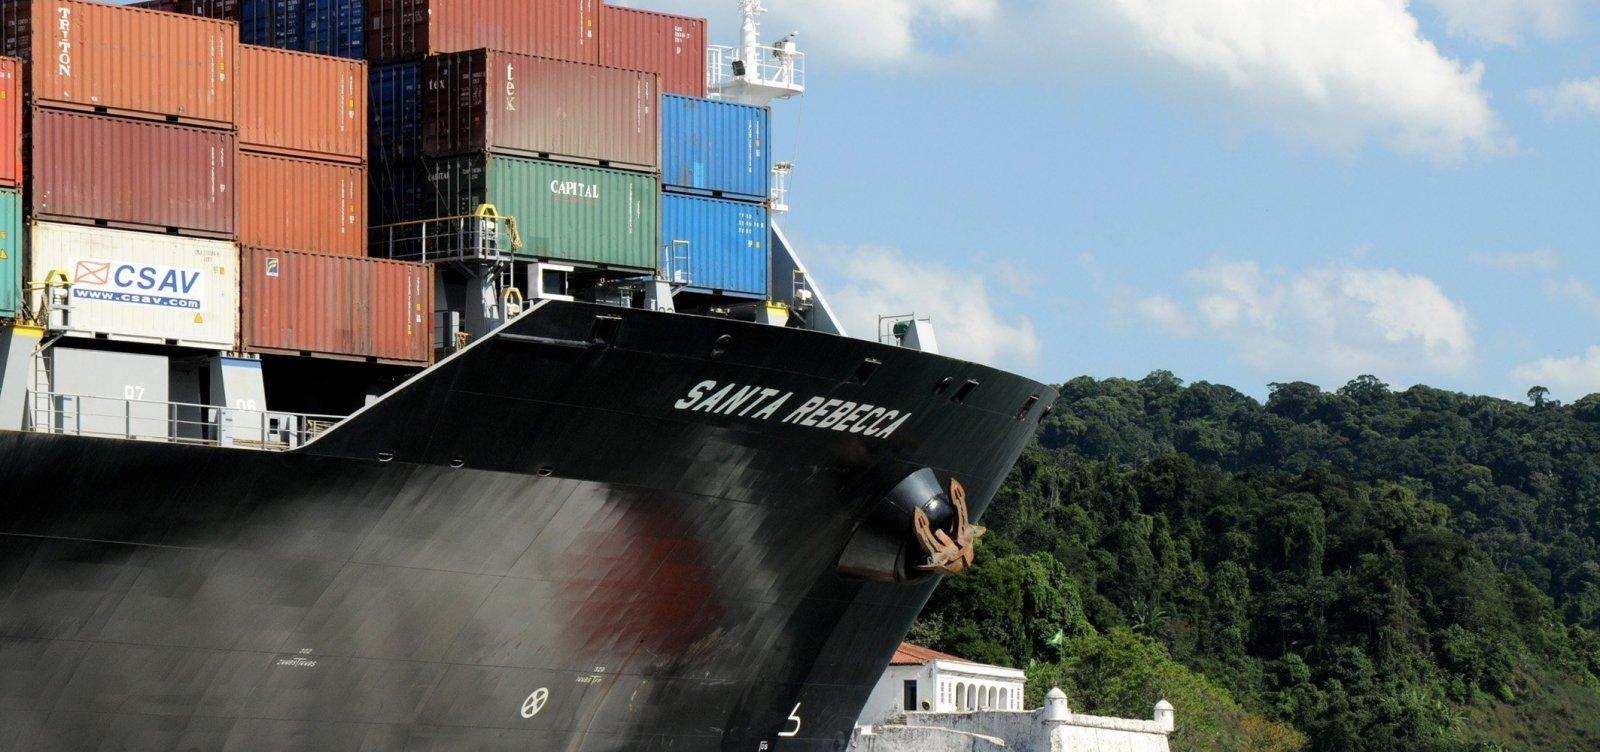 [Com menos importações, balança comercial registra superávit de US$ 5,5 bilhões em outubro]